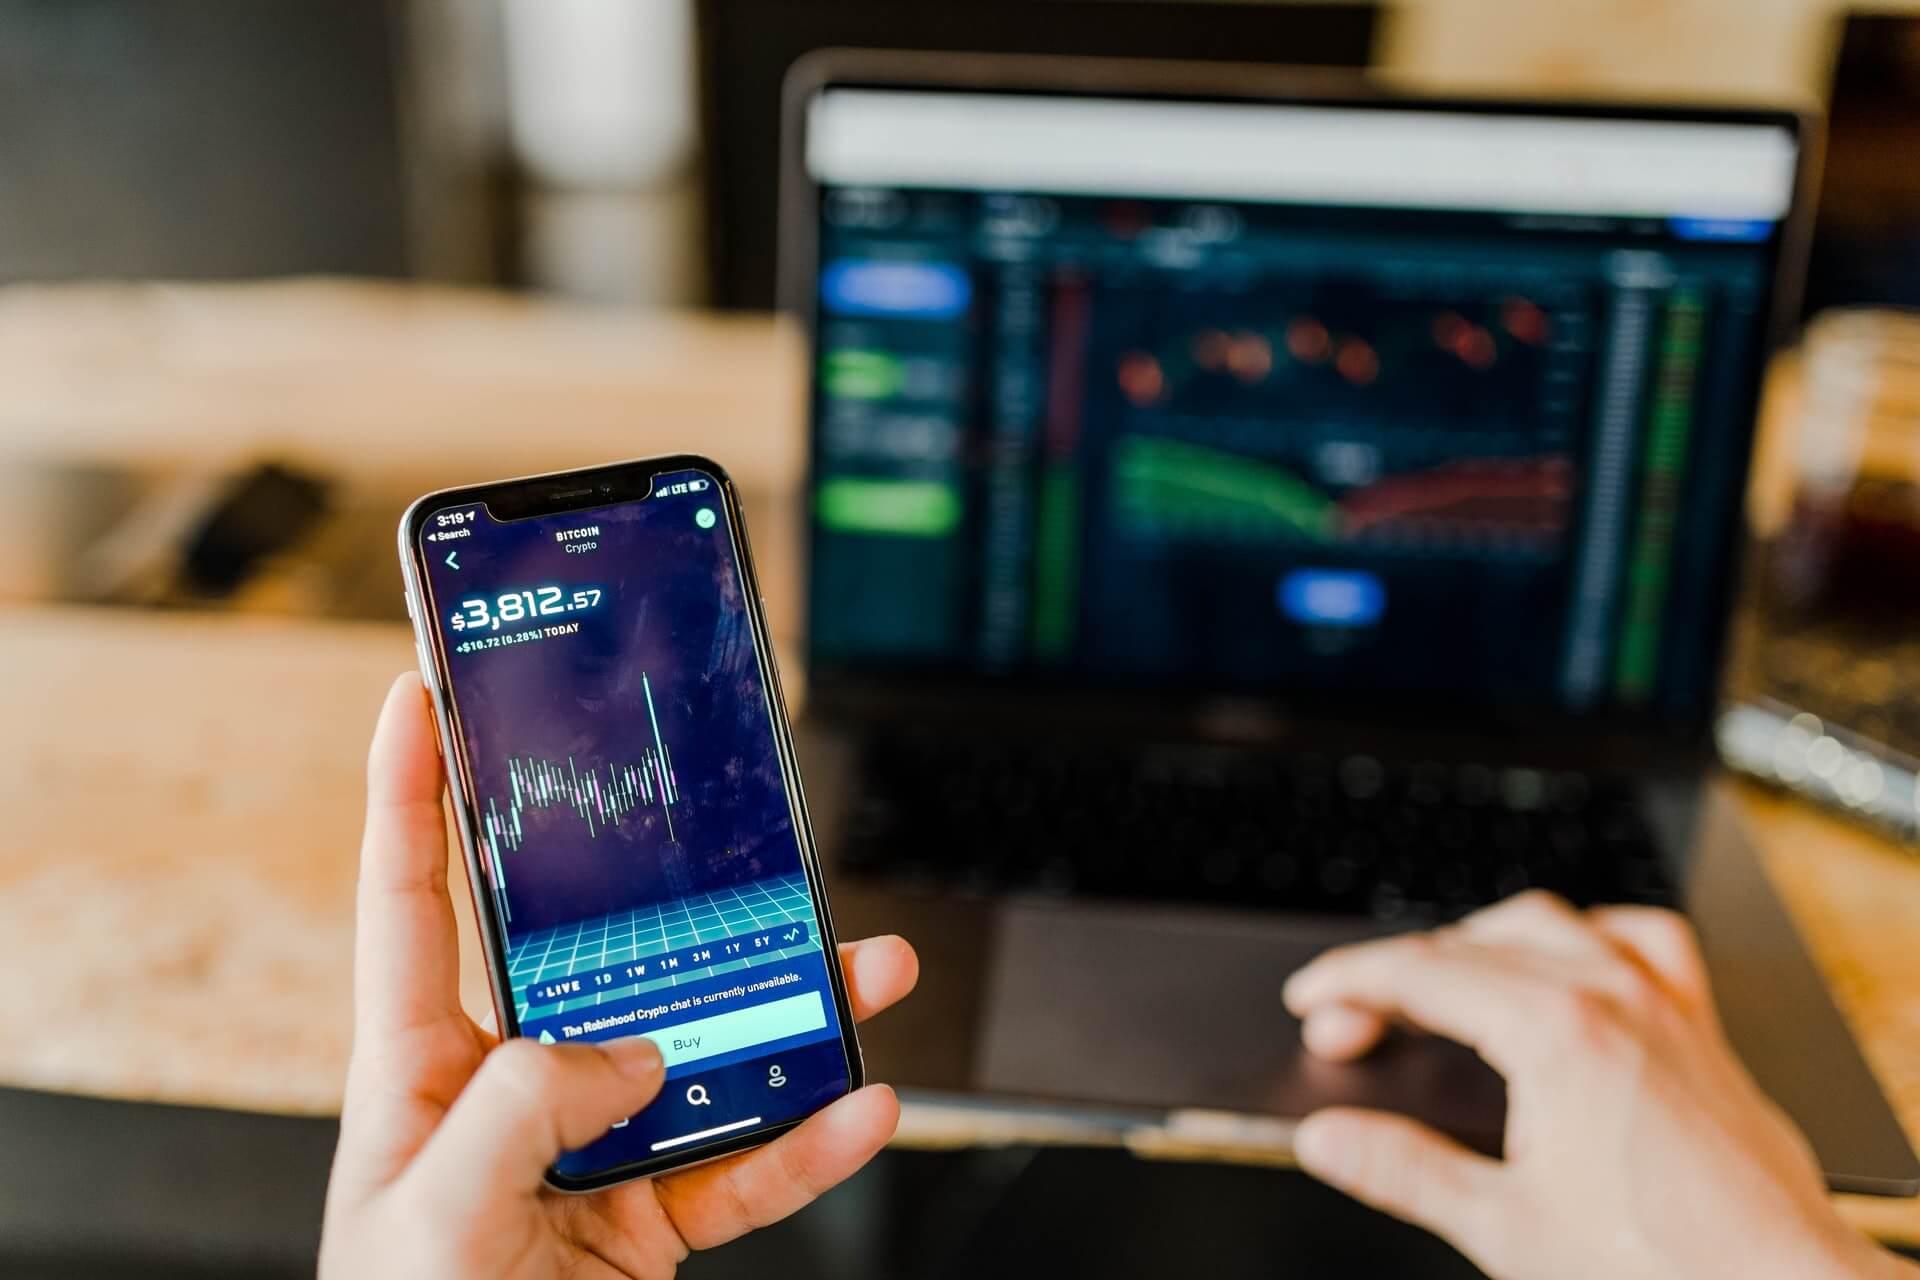 Tポイント投資の始め方❸:Tポイントで株を購入する